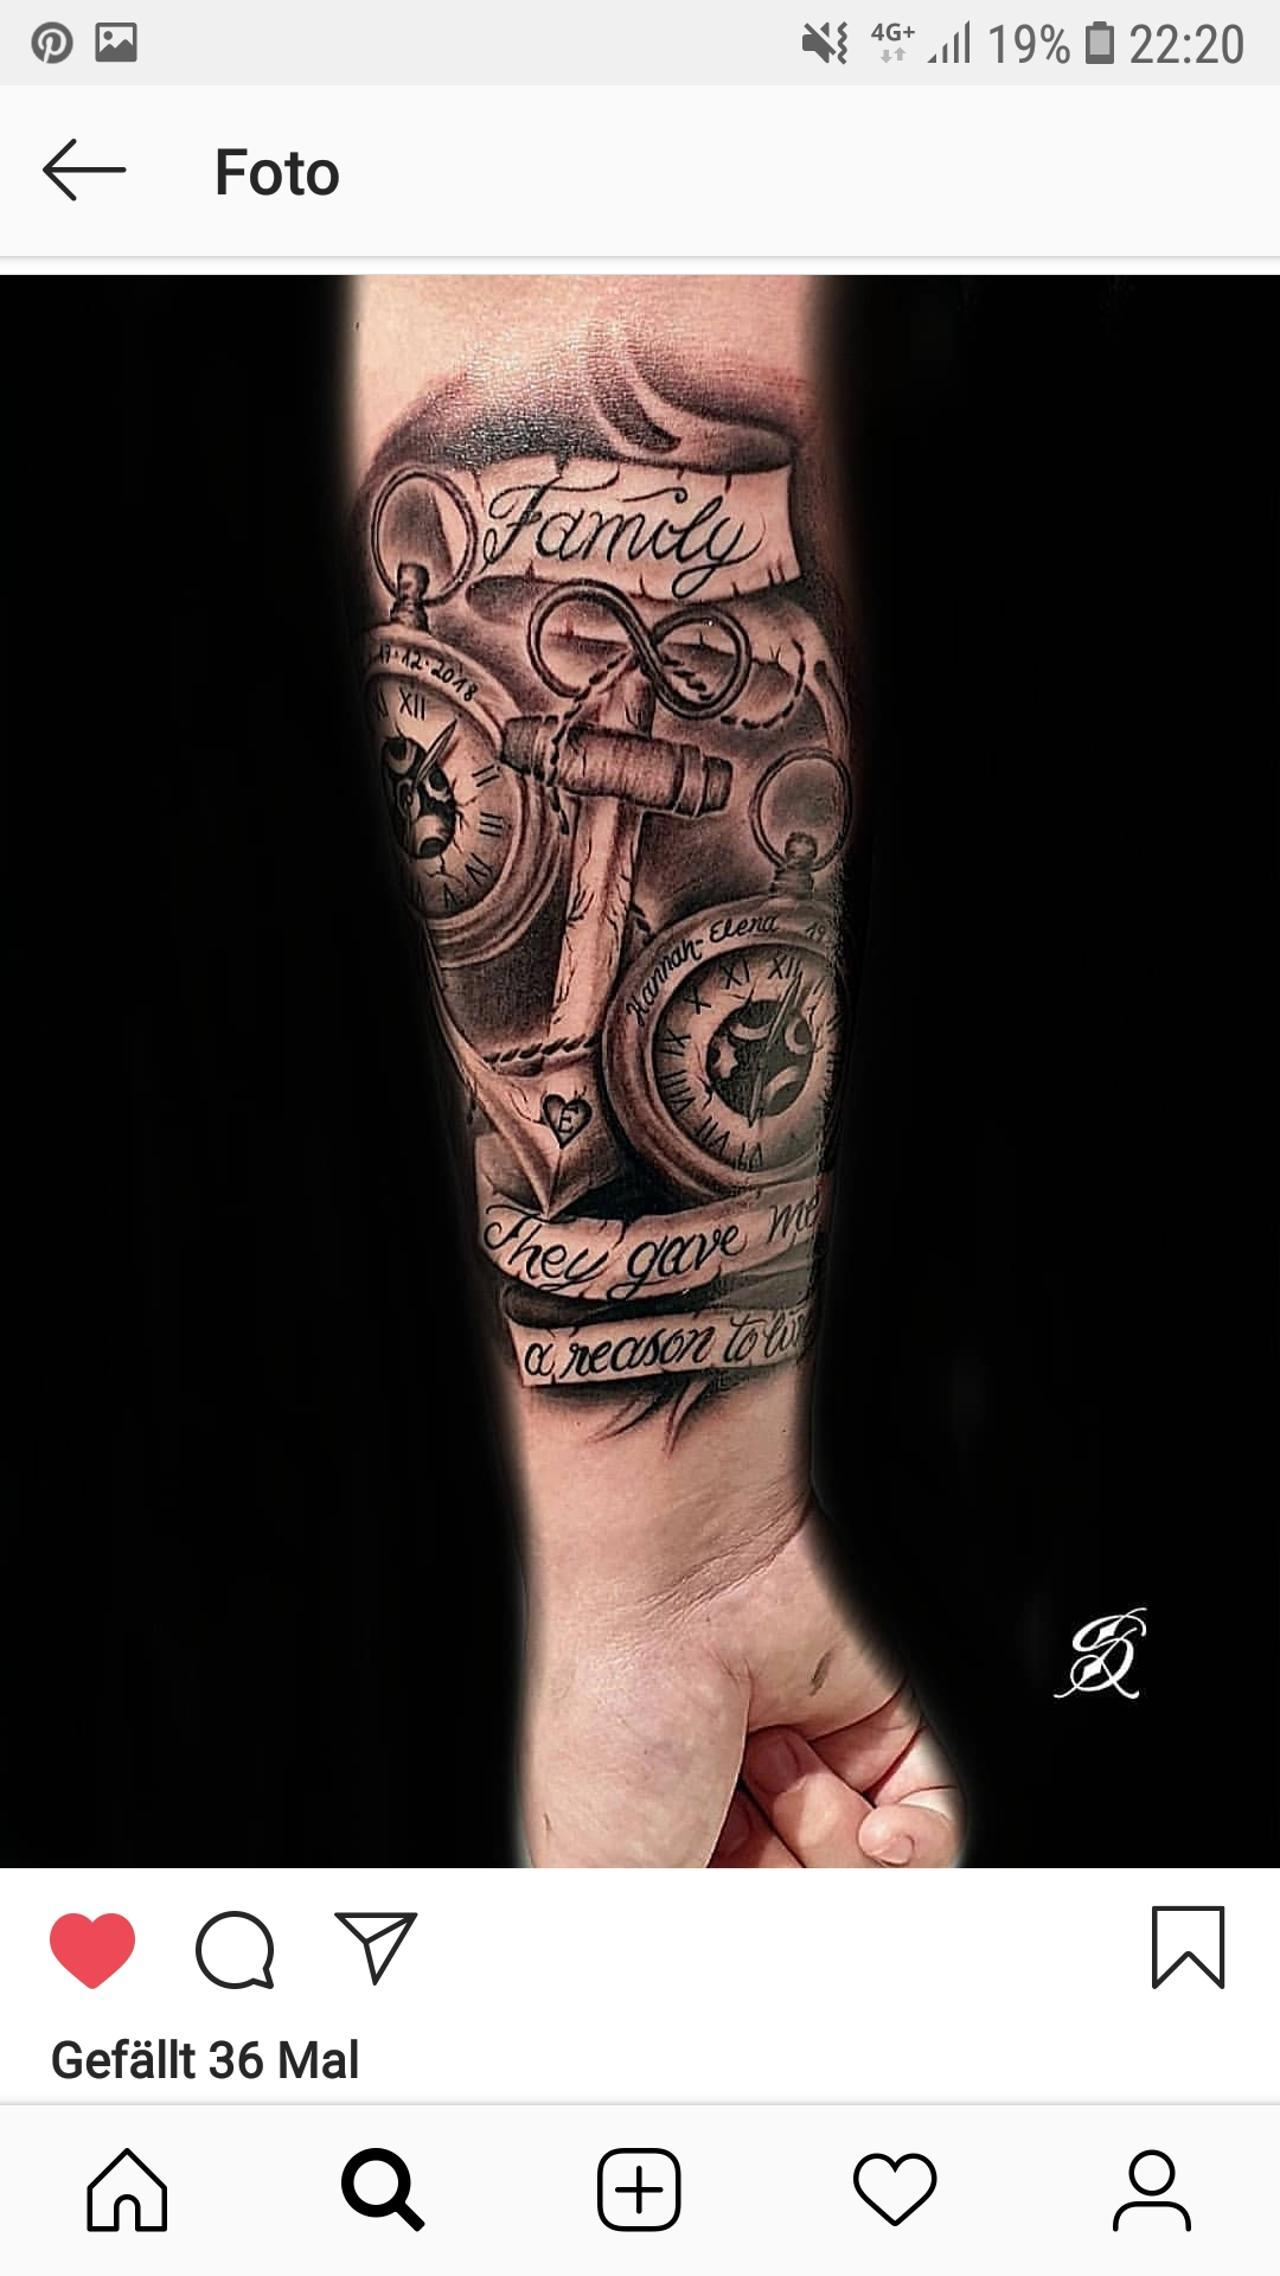 Tattoo Für Die Sternchen Forum Frühes Ende Urbiade